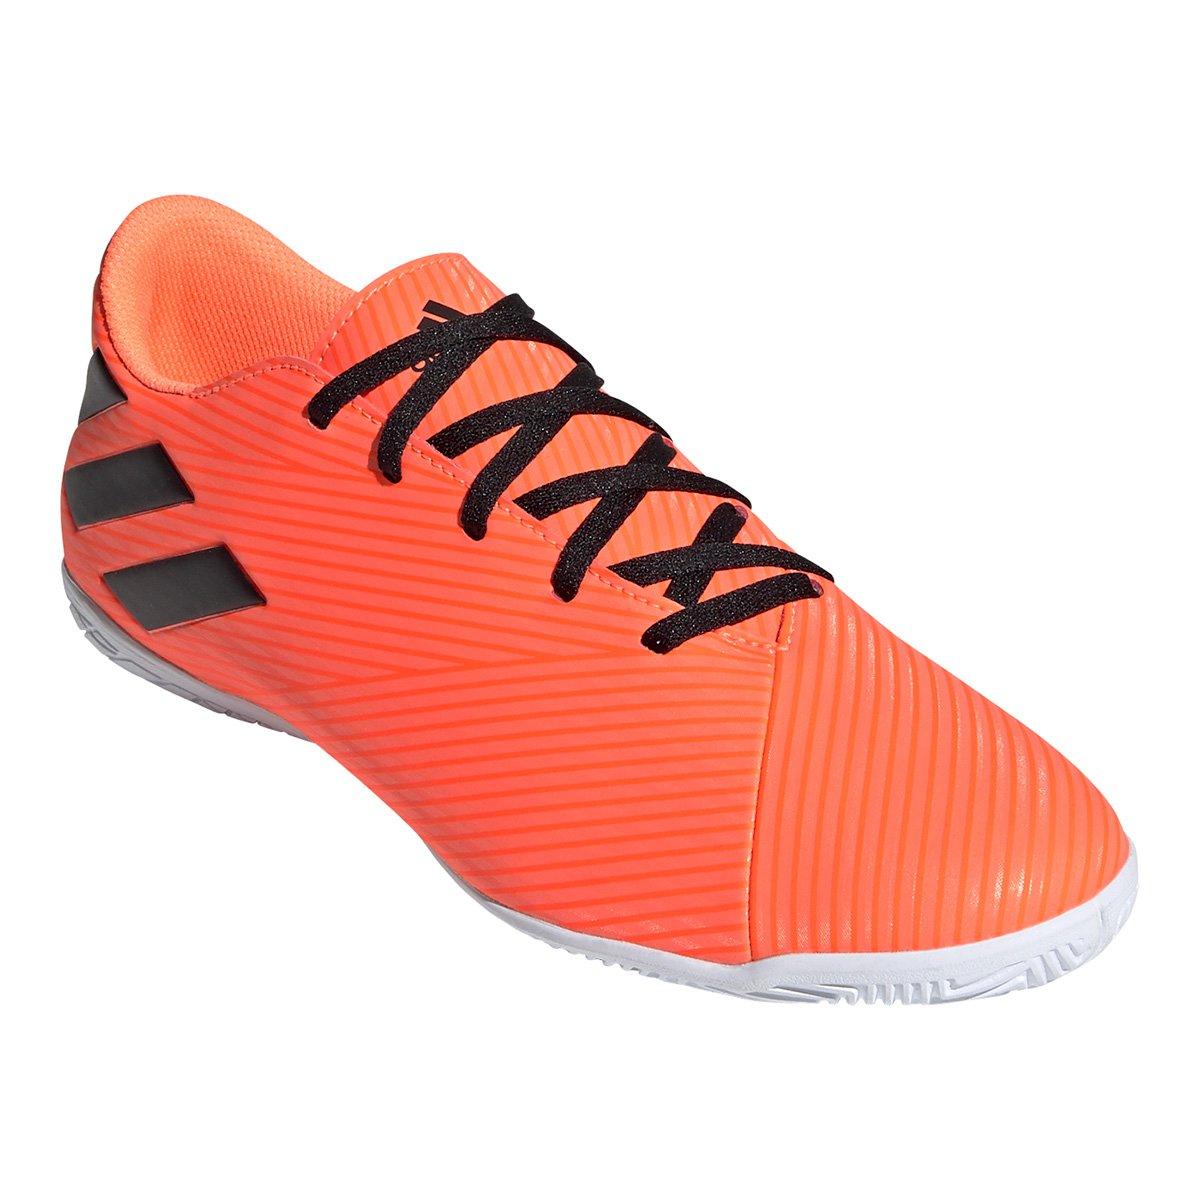 Chuteira Futsal Adidas Nemeziz 19 4